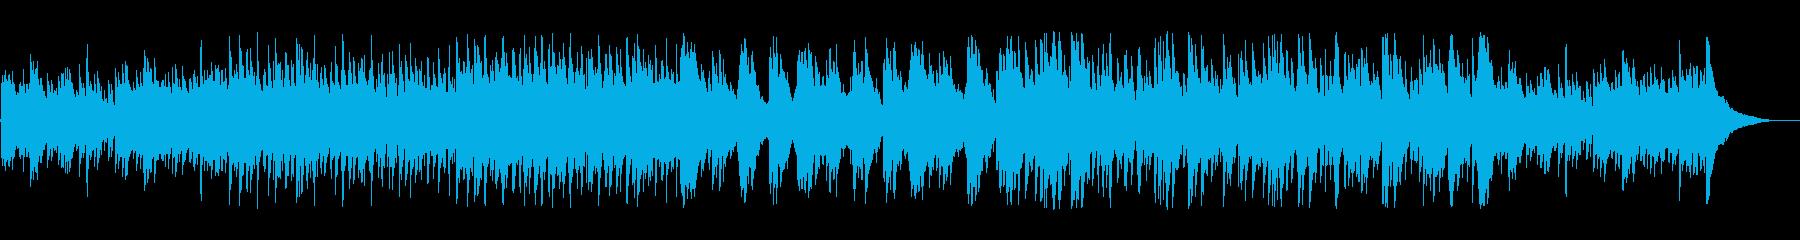 アコーステック センチメンタル ア...の再生済みの波形